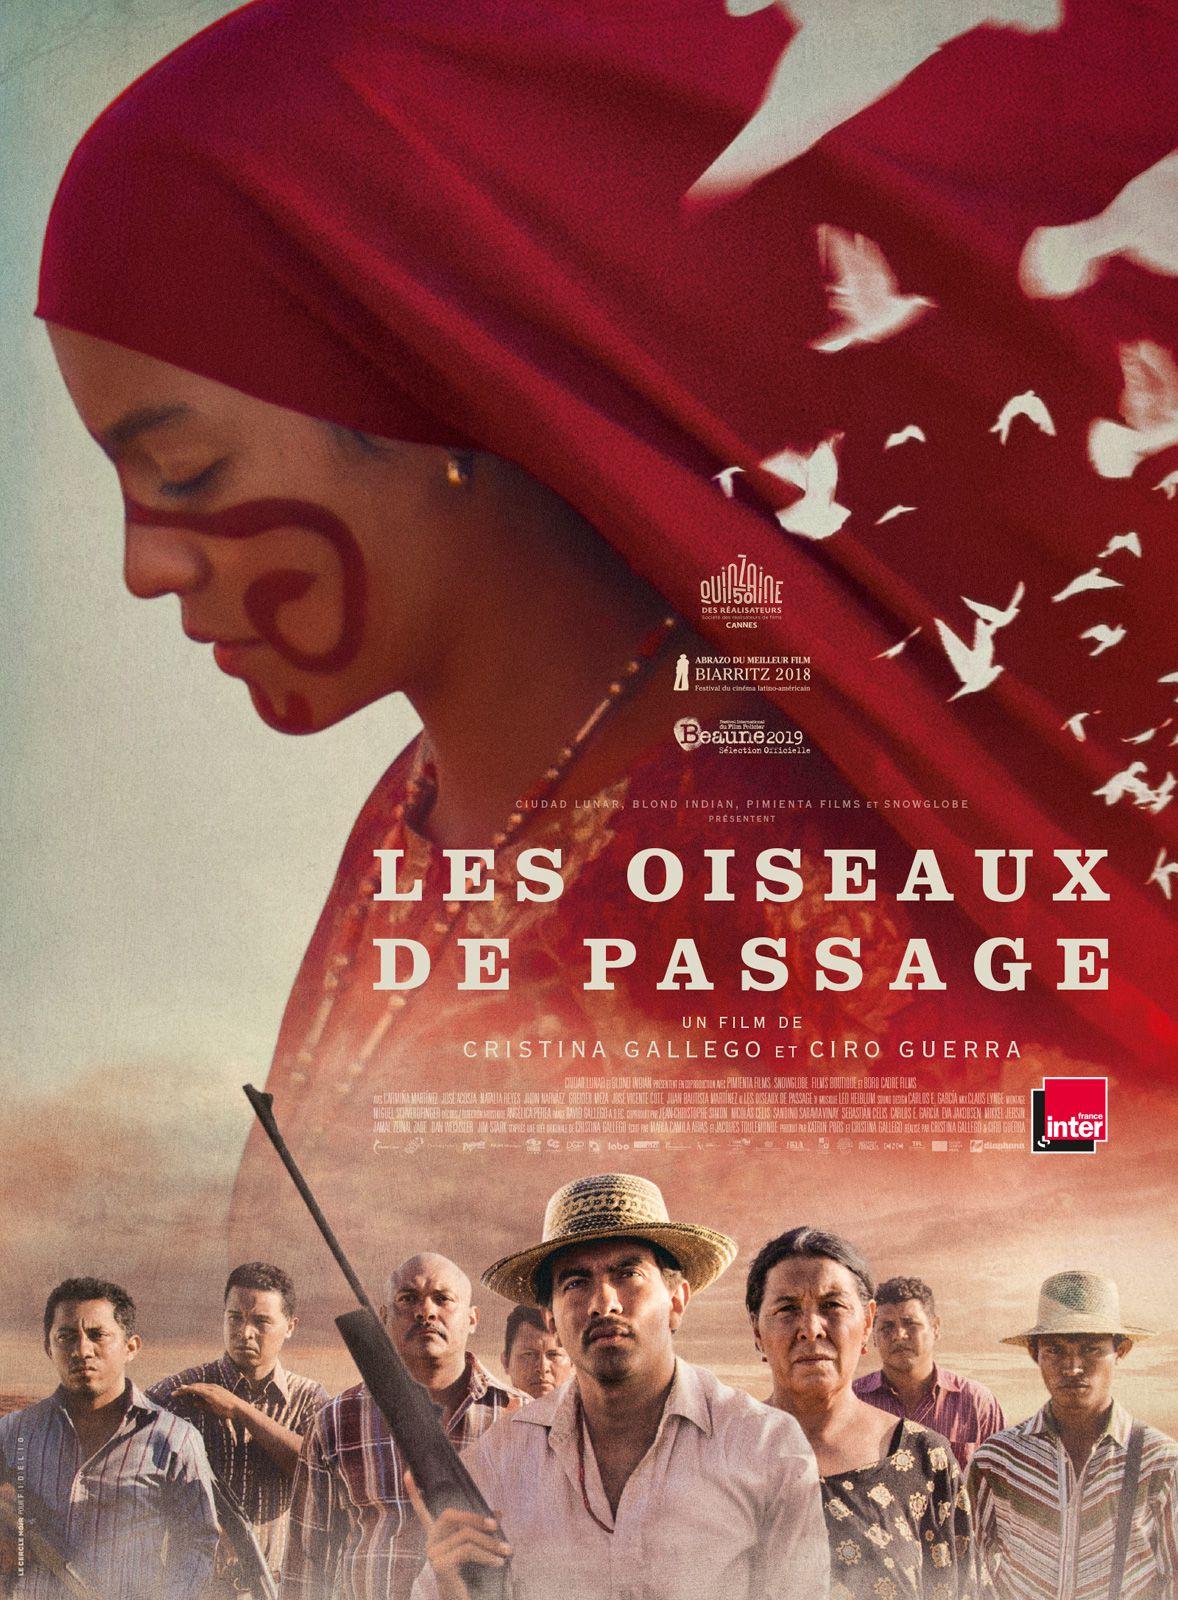 Les Oiseaux de passage - Film (2019)